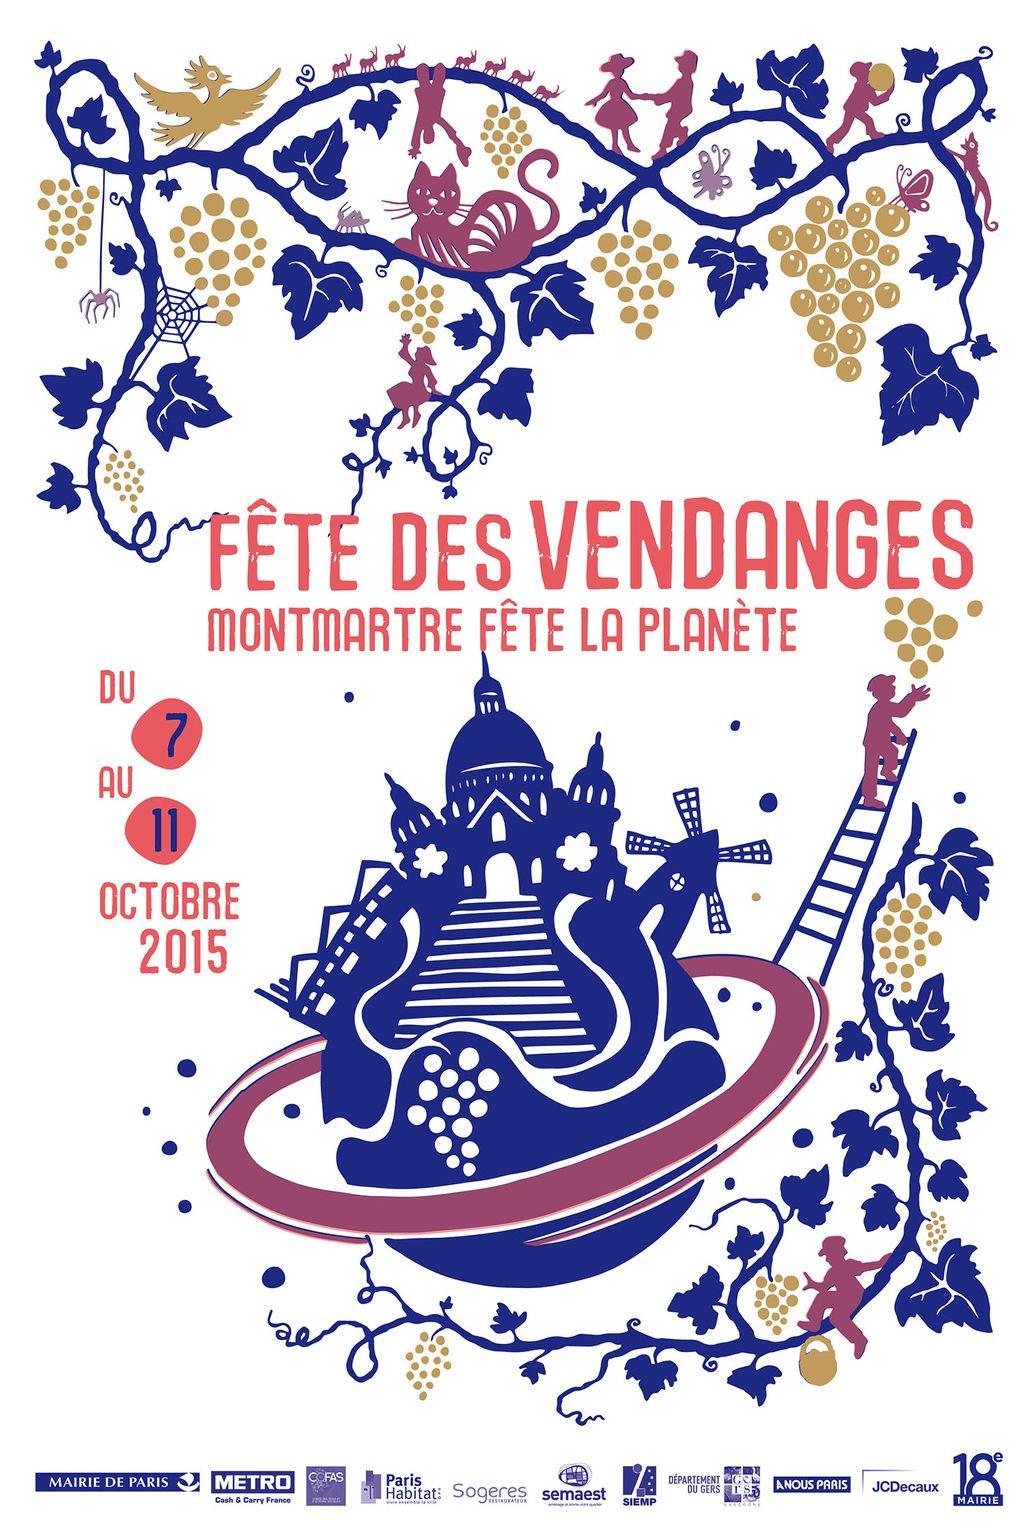 Vendanges de Montmartre 2015 : Vive la planète, vive les vendanges !